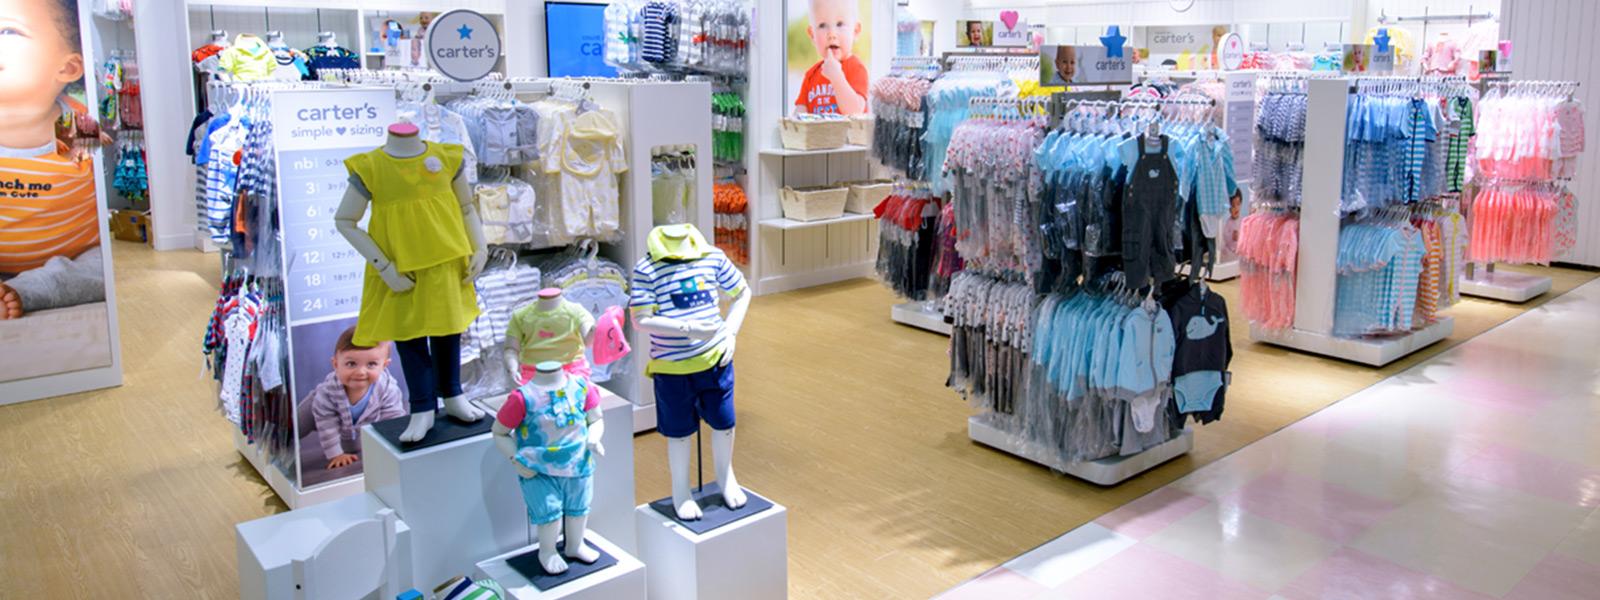 50330f39b Melhores lojas para o enxoval do bebê em Nova York